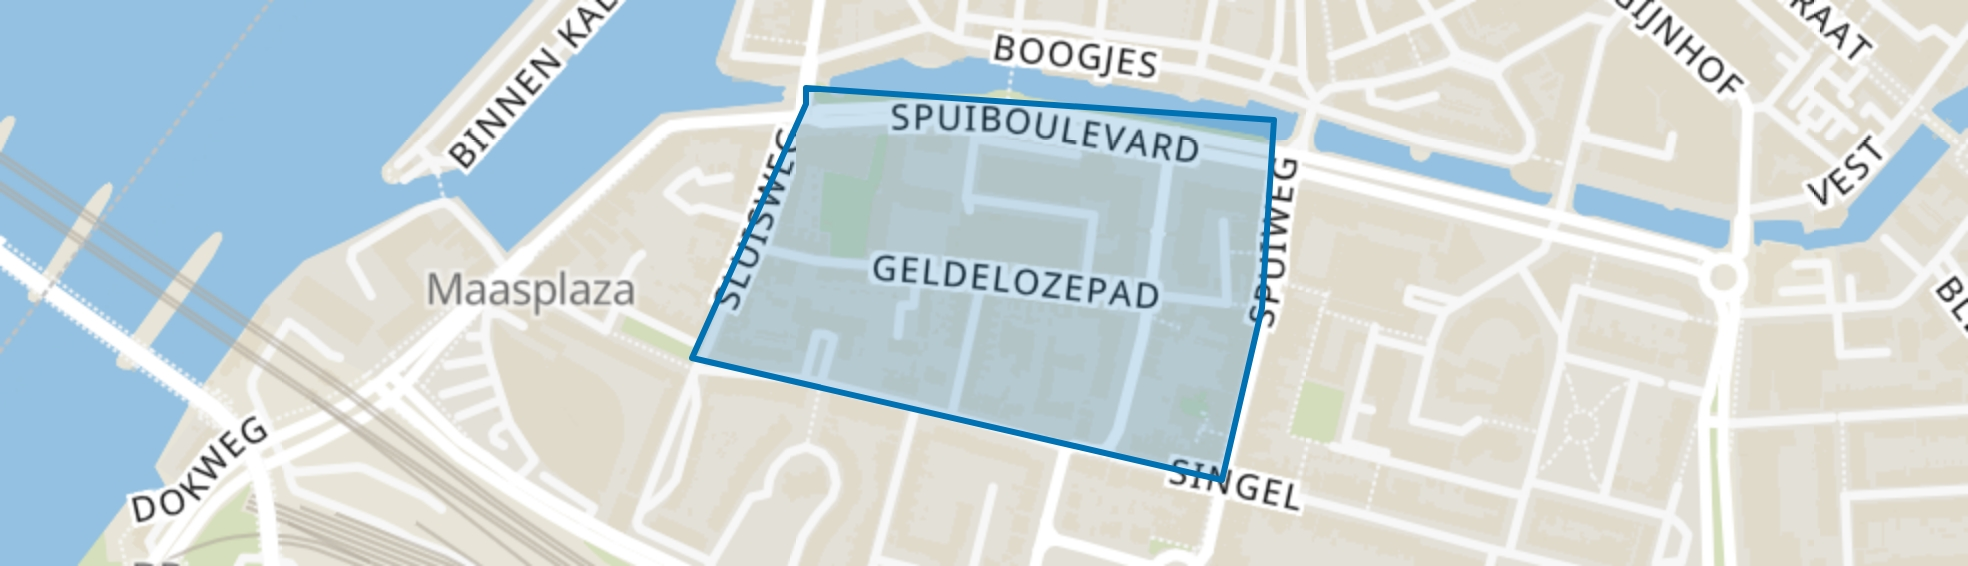 Geldelozepad en omgeving, Dordrecht map